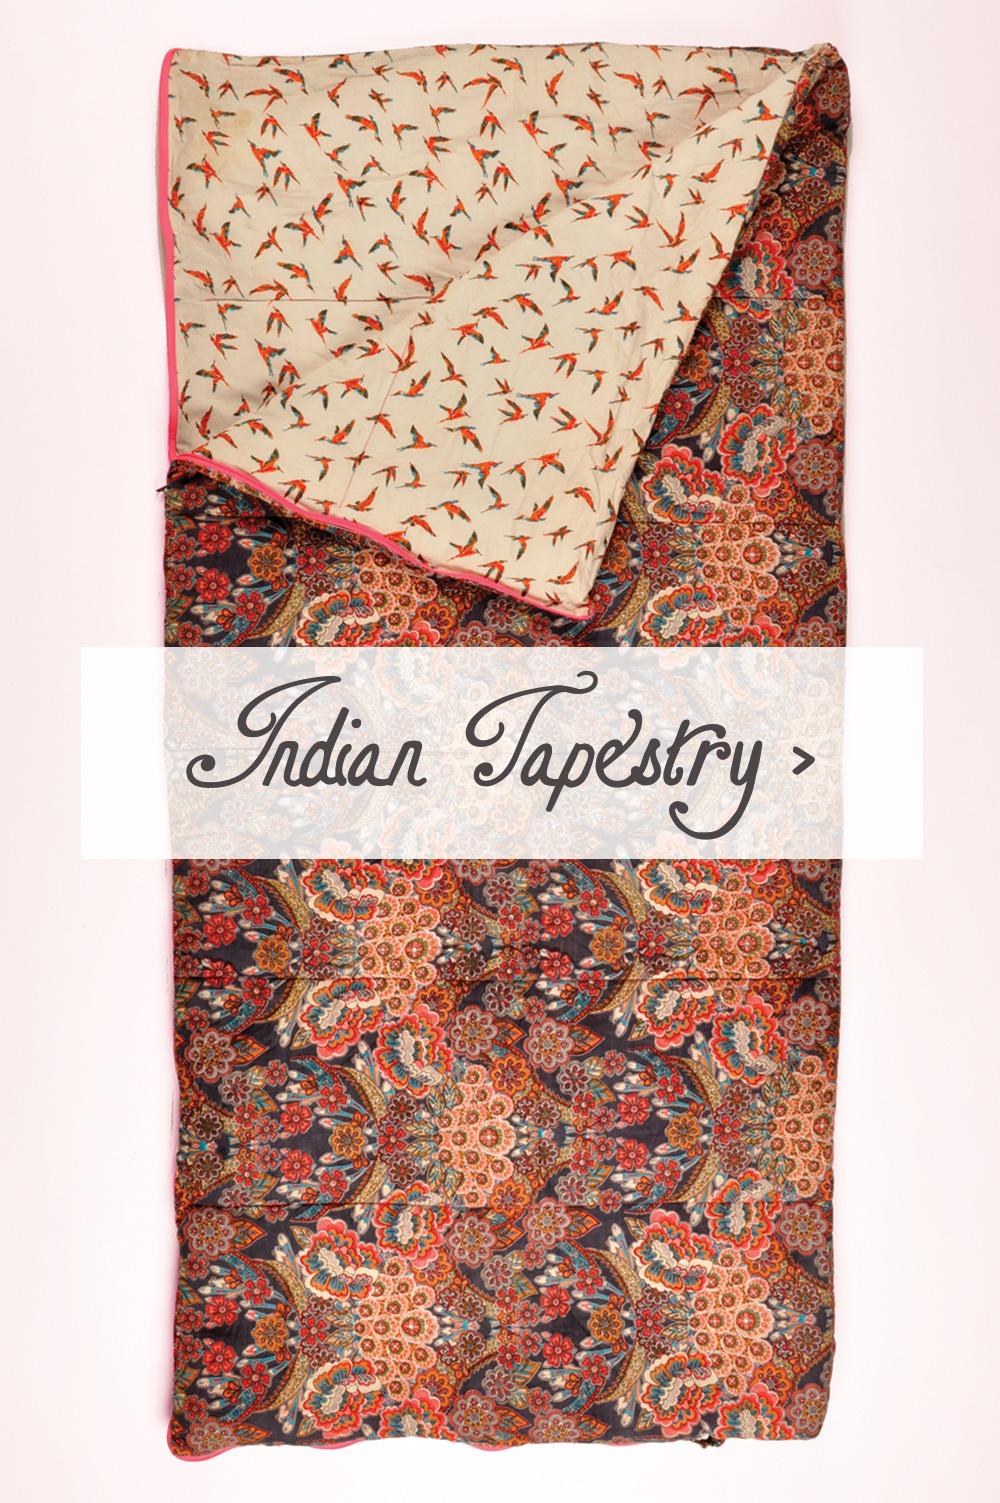 Indian Tapestry Sleeping Beauties